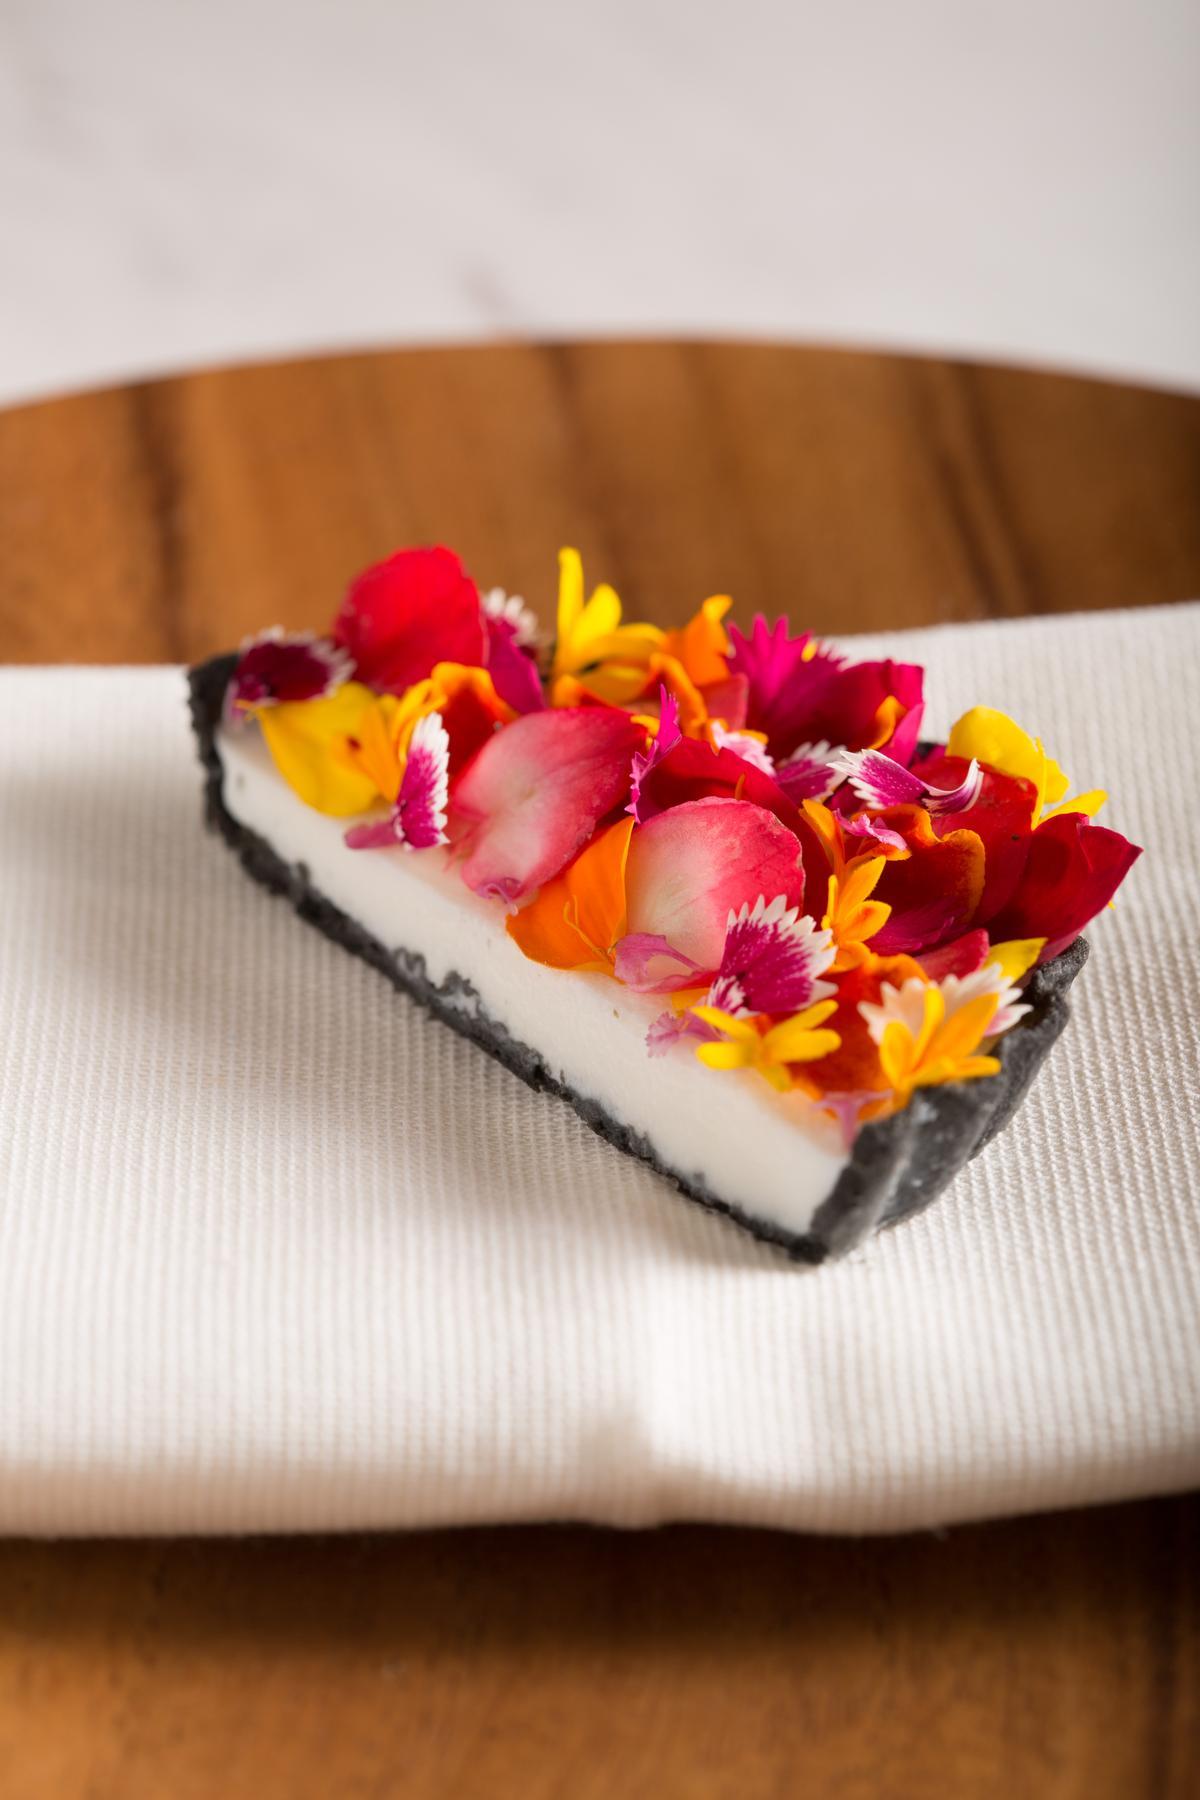 紅花如緞的「花卉塔」,以淡淡酸香的石竹、玫瑰搭配百香果餡起司,美麗地讓人捨不得享用。(2880元套餐菜色)